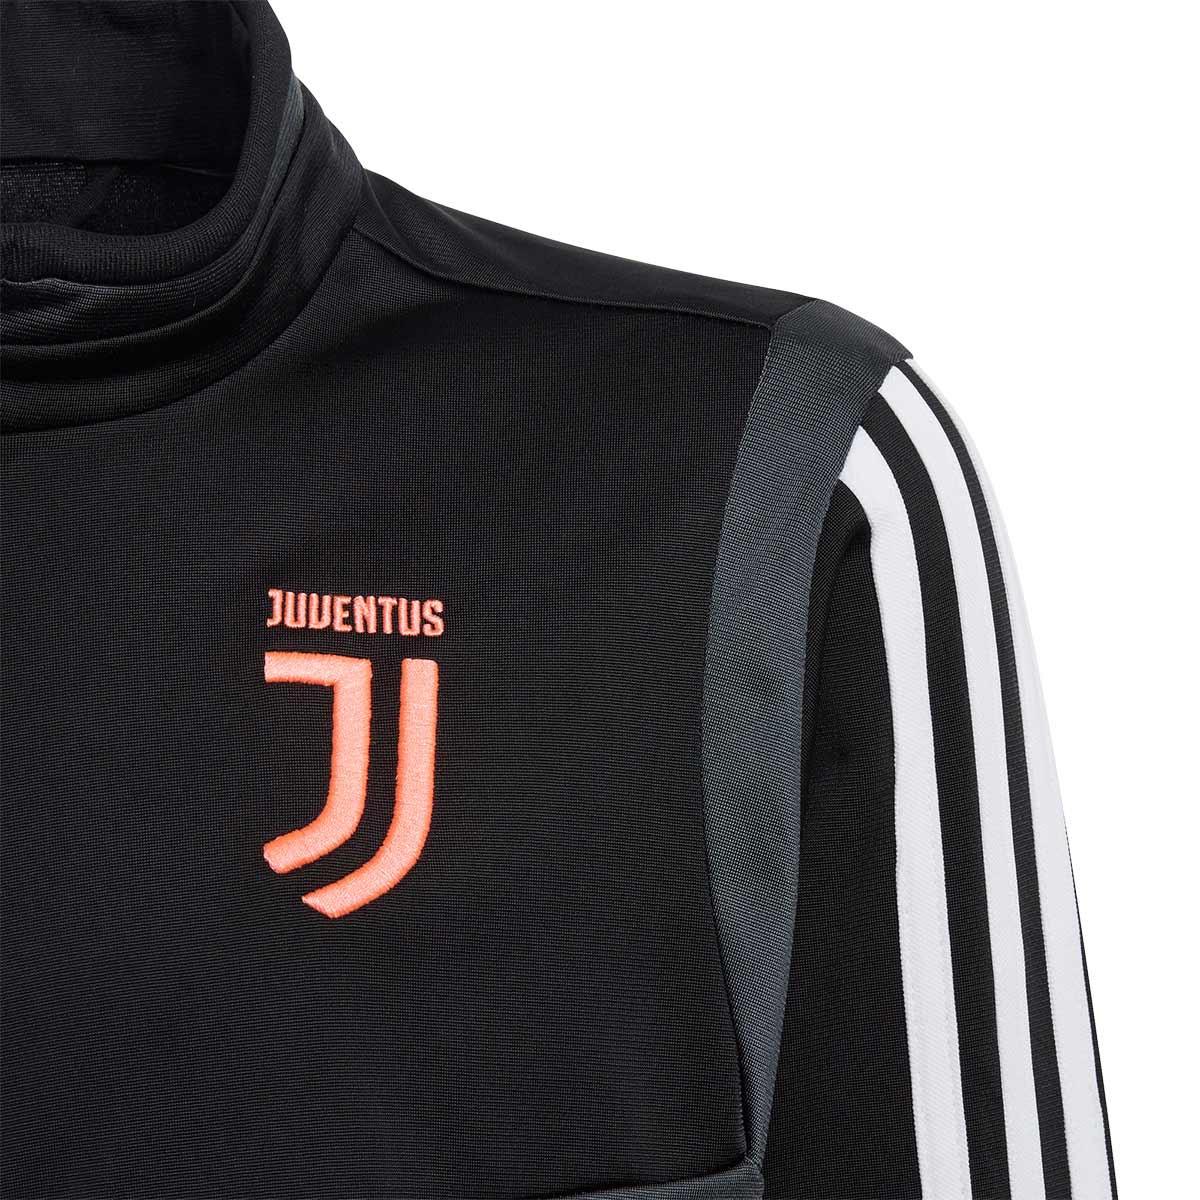 Chándal adidas Juventus PES 2019 2020 Niño